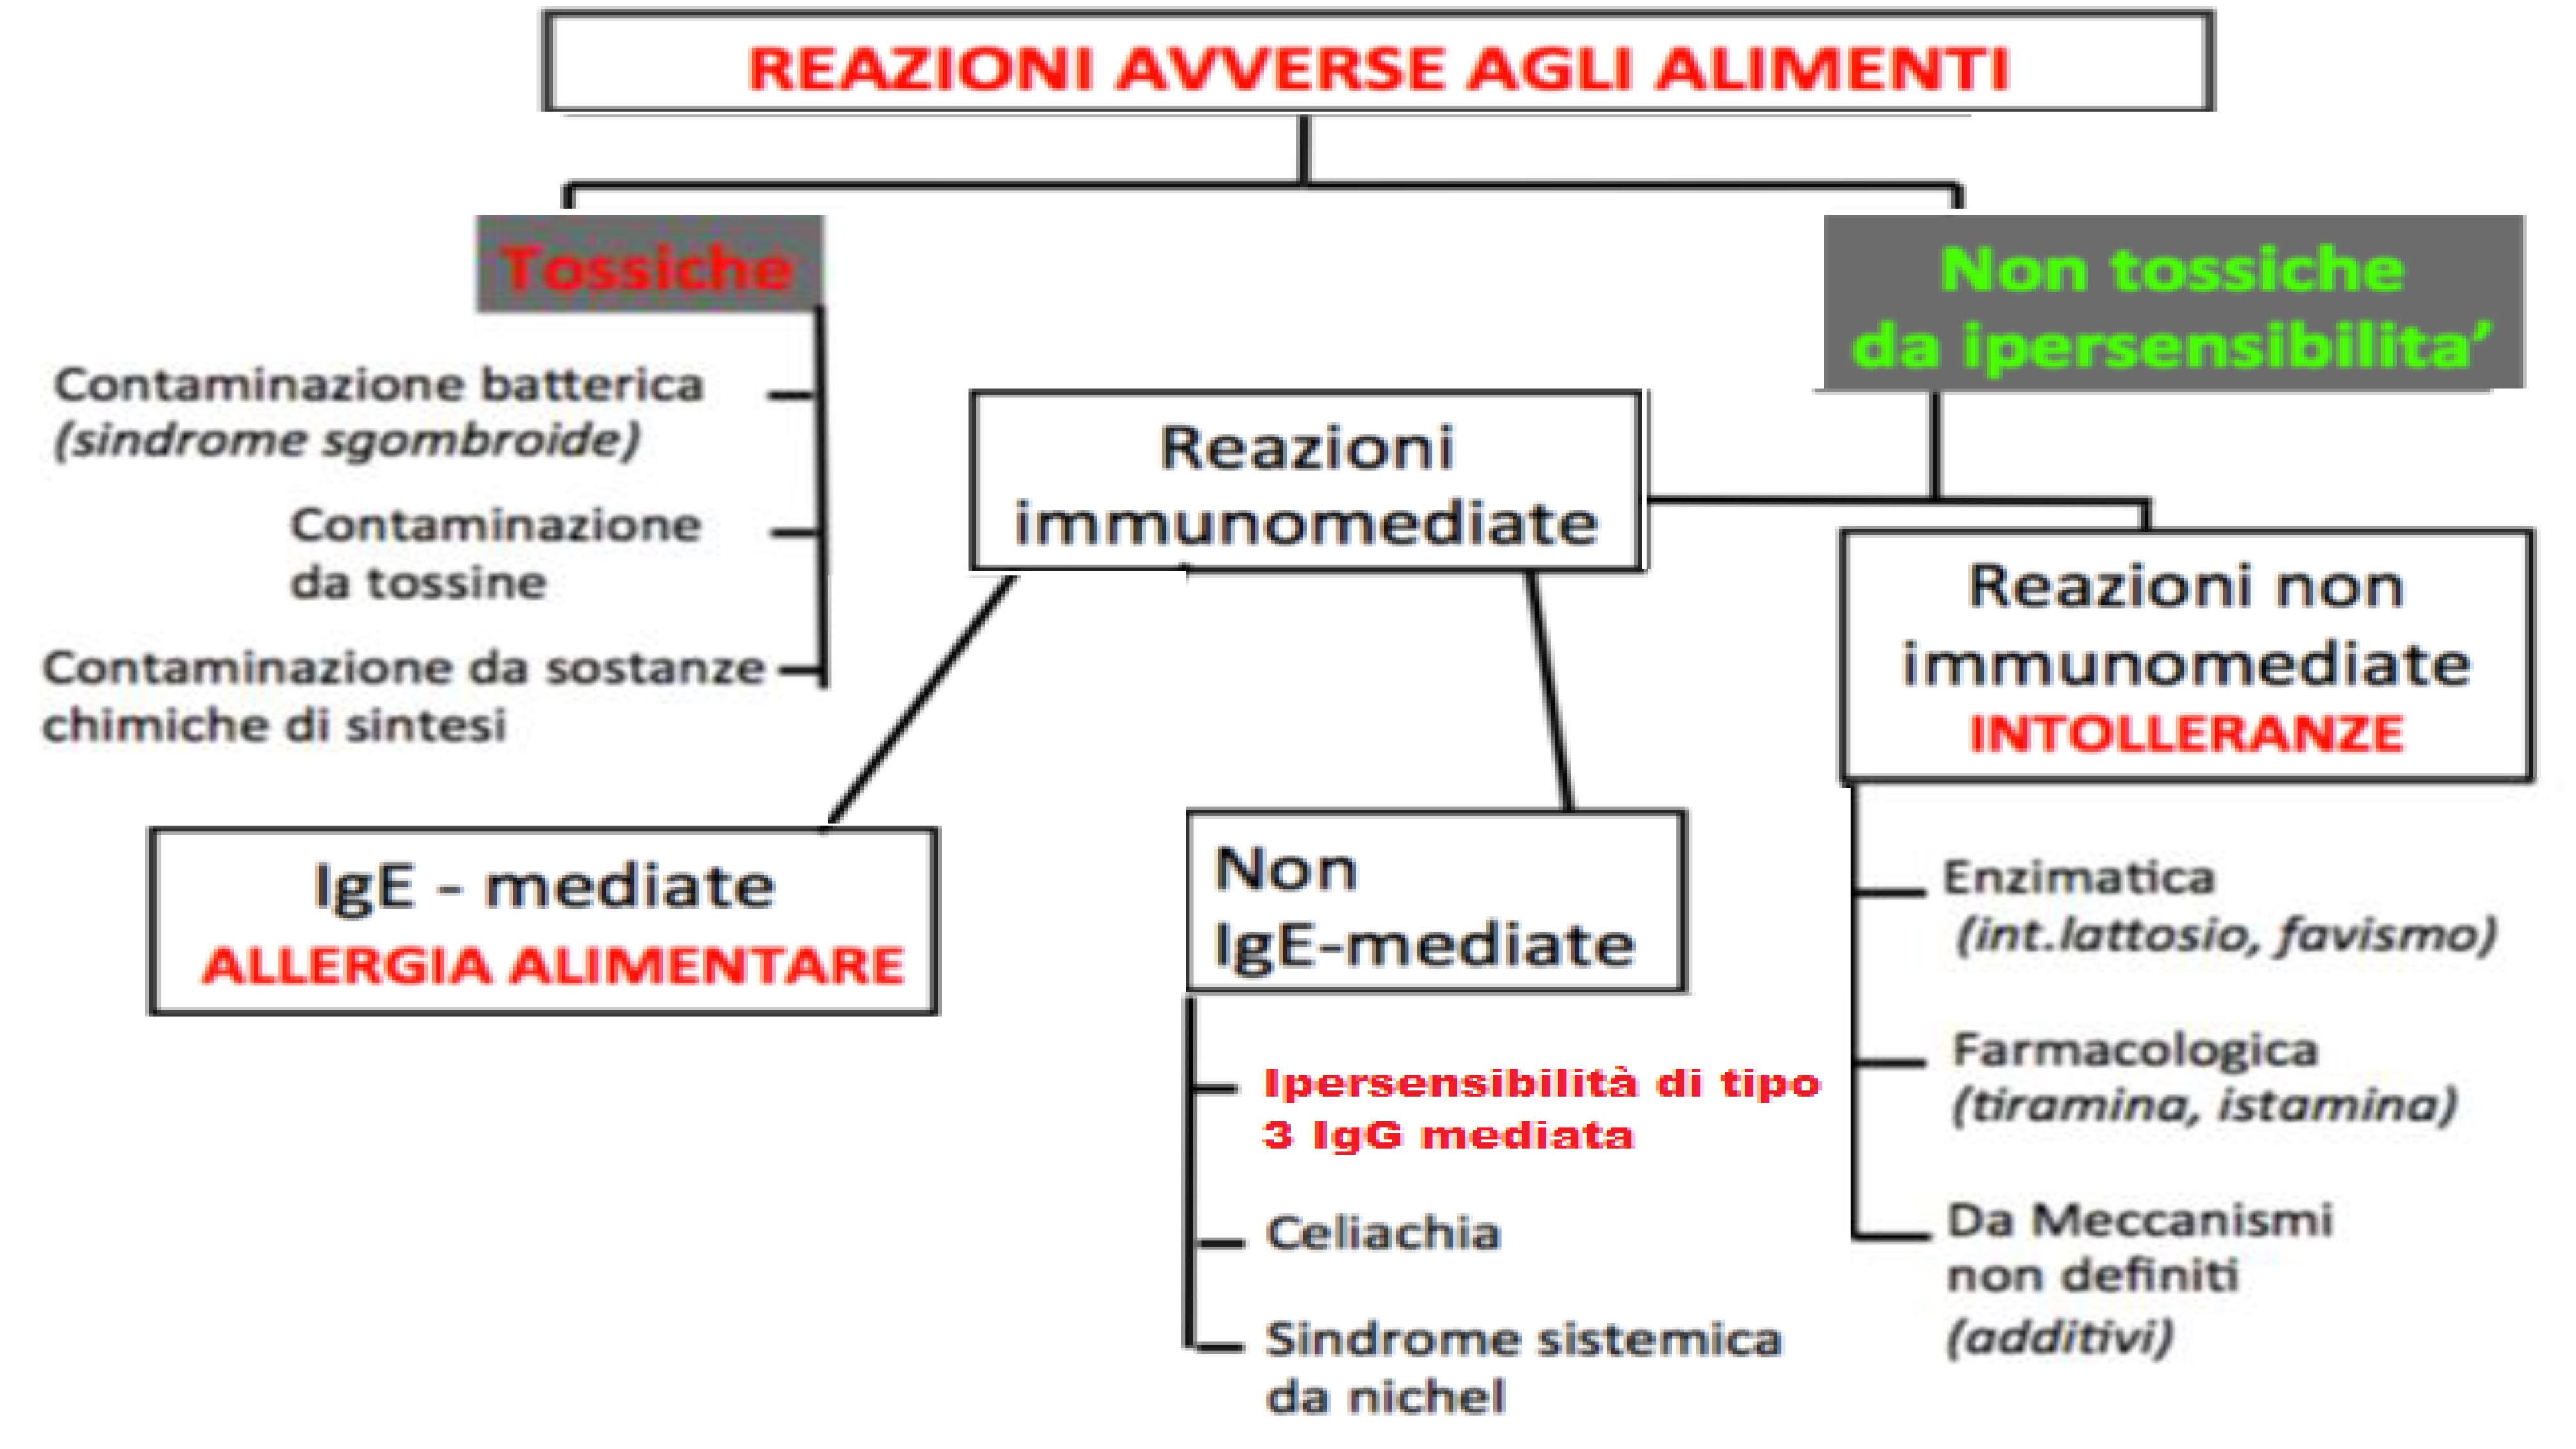 grafico classificazione intolleranze alimentari